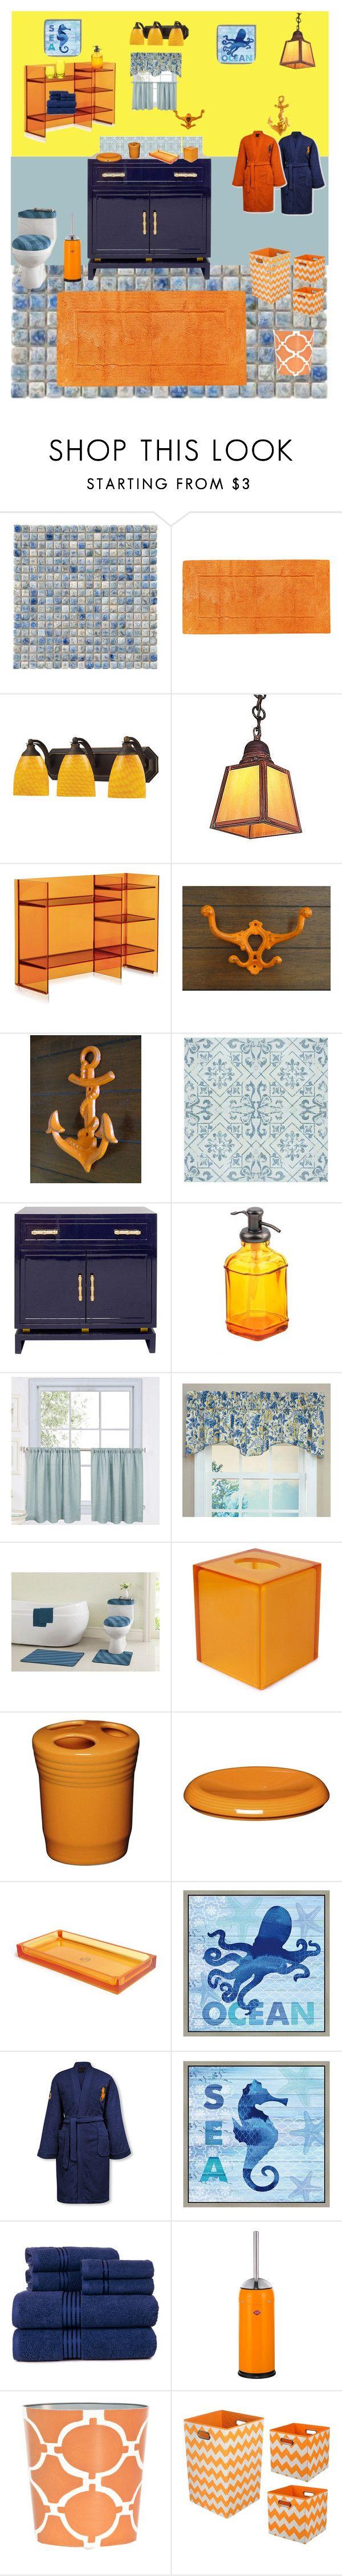 best 25+ orange bathrooms ideas on pinterest | orange bathroom